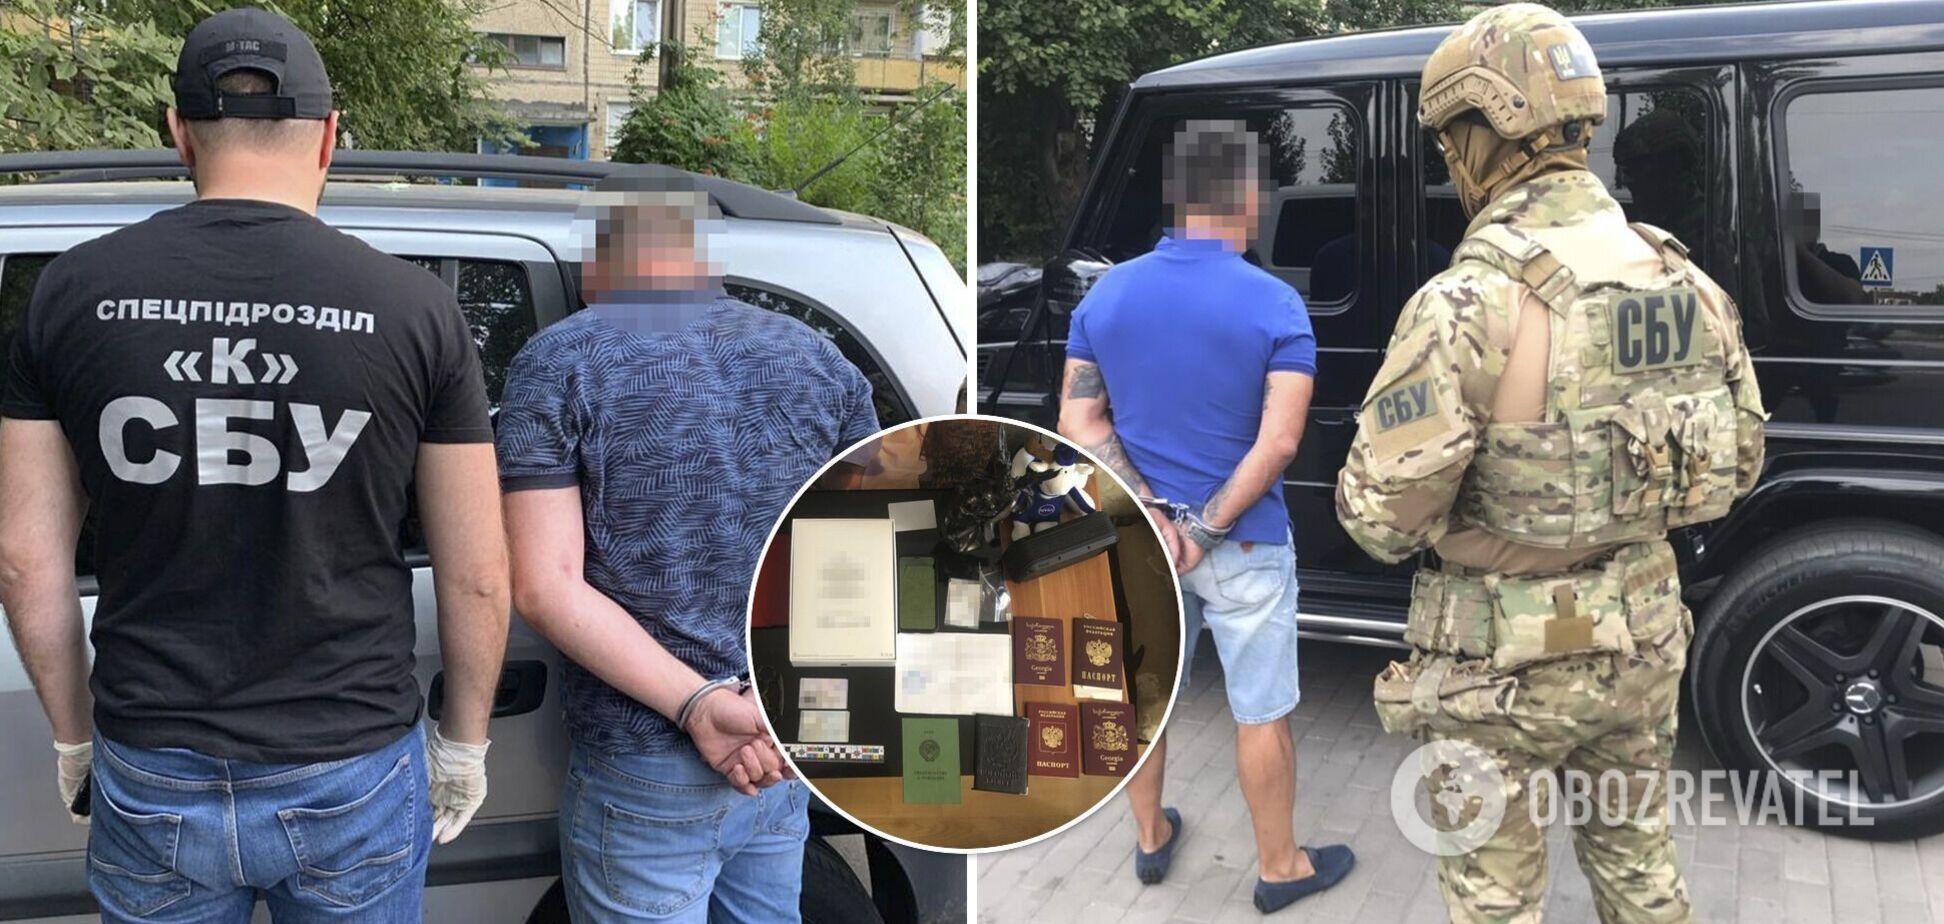 СБУ спіймала кримінального 'авторитета', який 10 років тероризував Кривий Ріг. Фото і відео